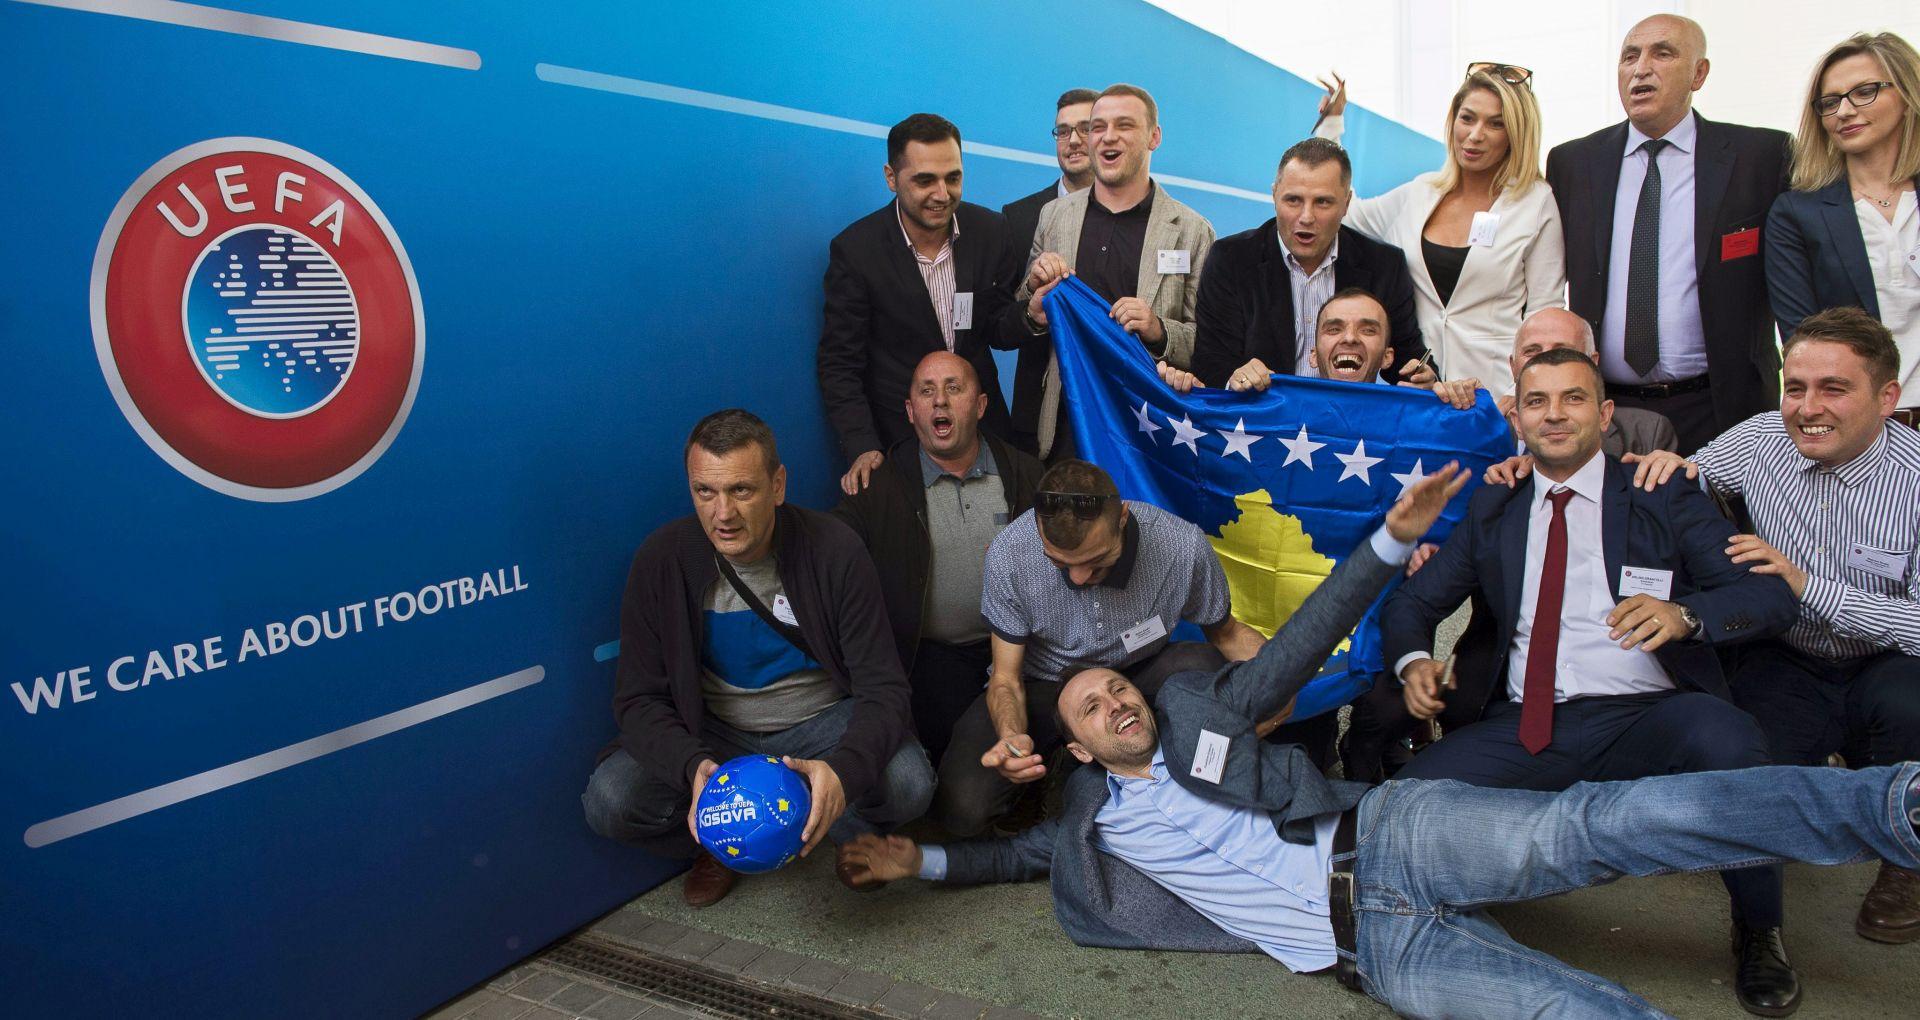 KONGRES U BUDIMPEŠTI kosovo primljeno u UEFA-u kao 55. punopravni član